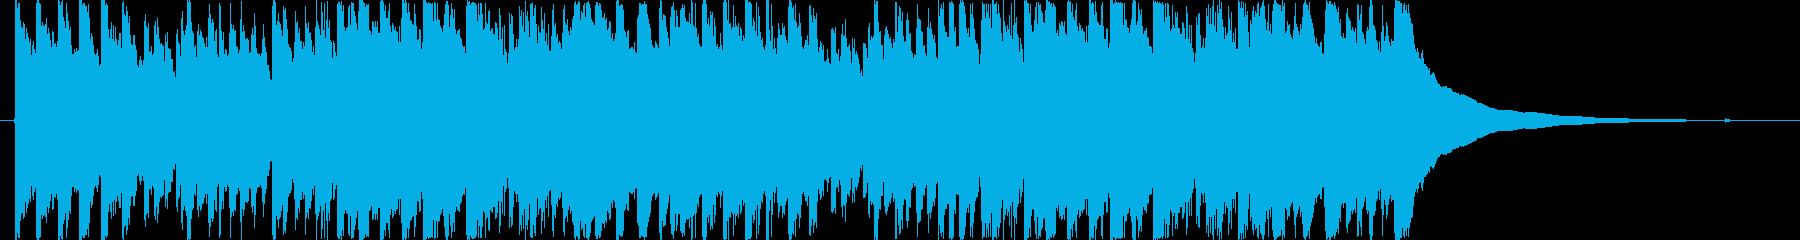 ハープシコードのBGMの再生済みの波形